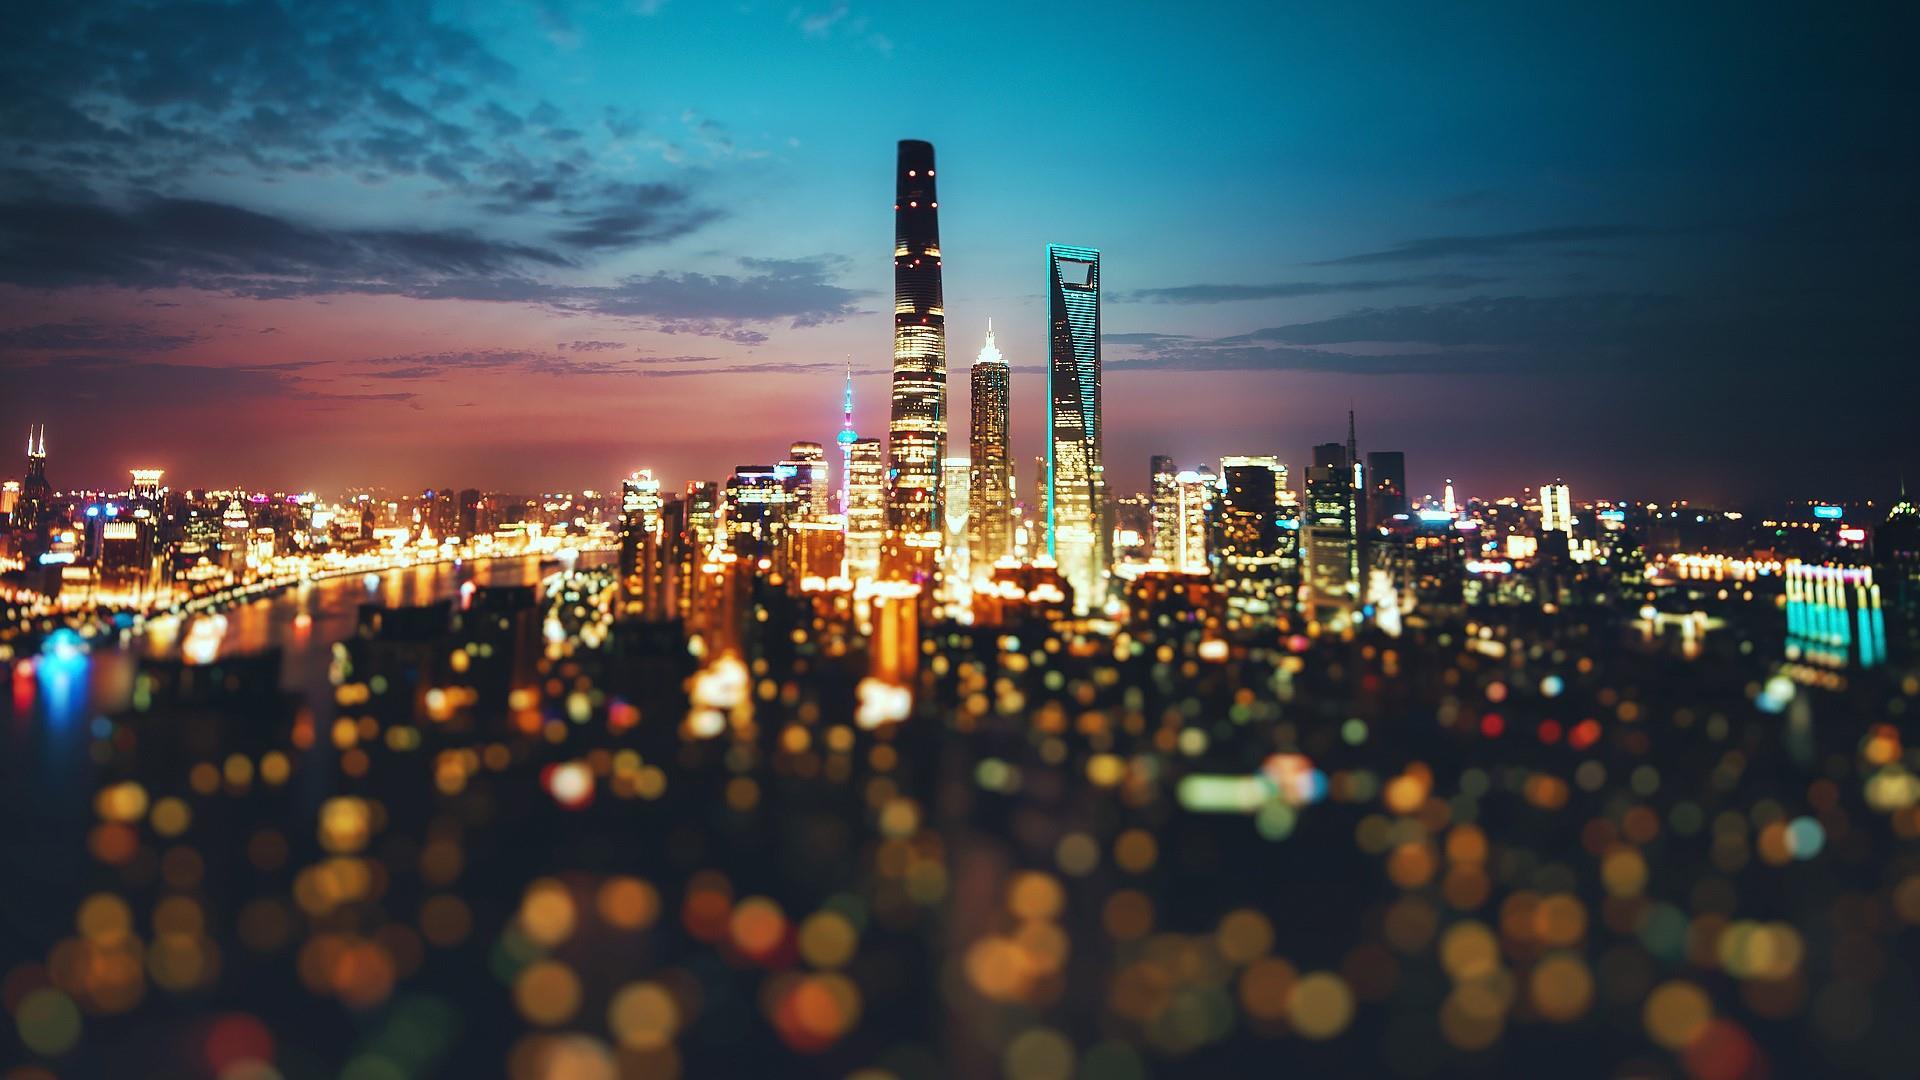 Удивительный Китай: подпольные рейвы и небоскребы по феншую Удивительный Китай: подпольные рейвы и небоскребы по феншую Pic